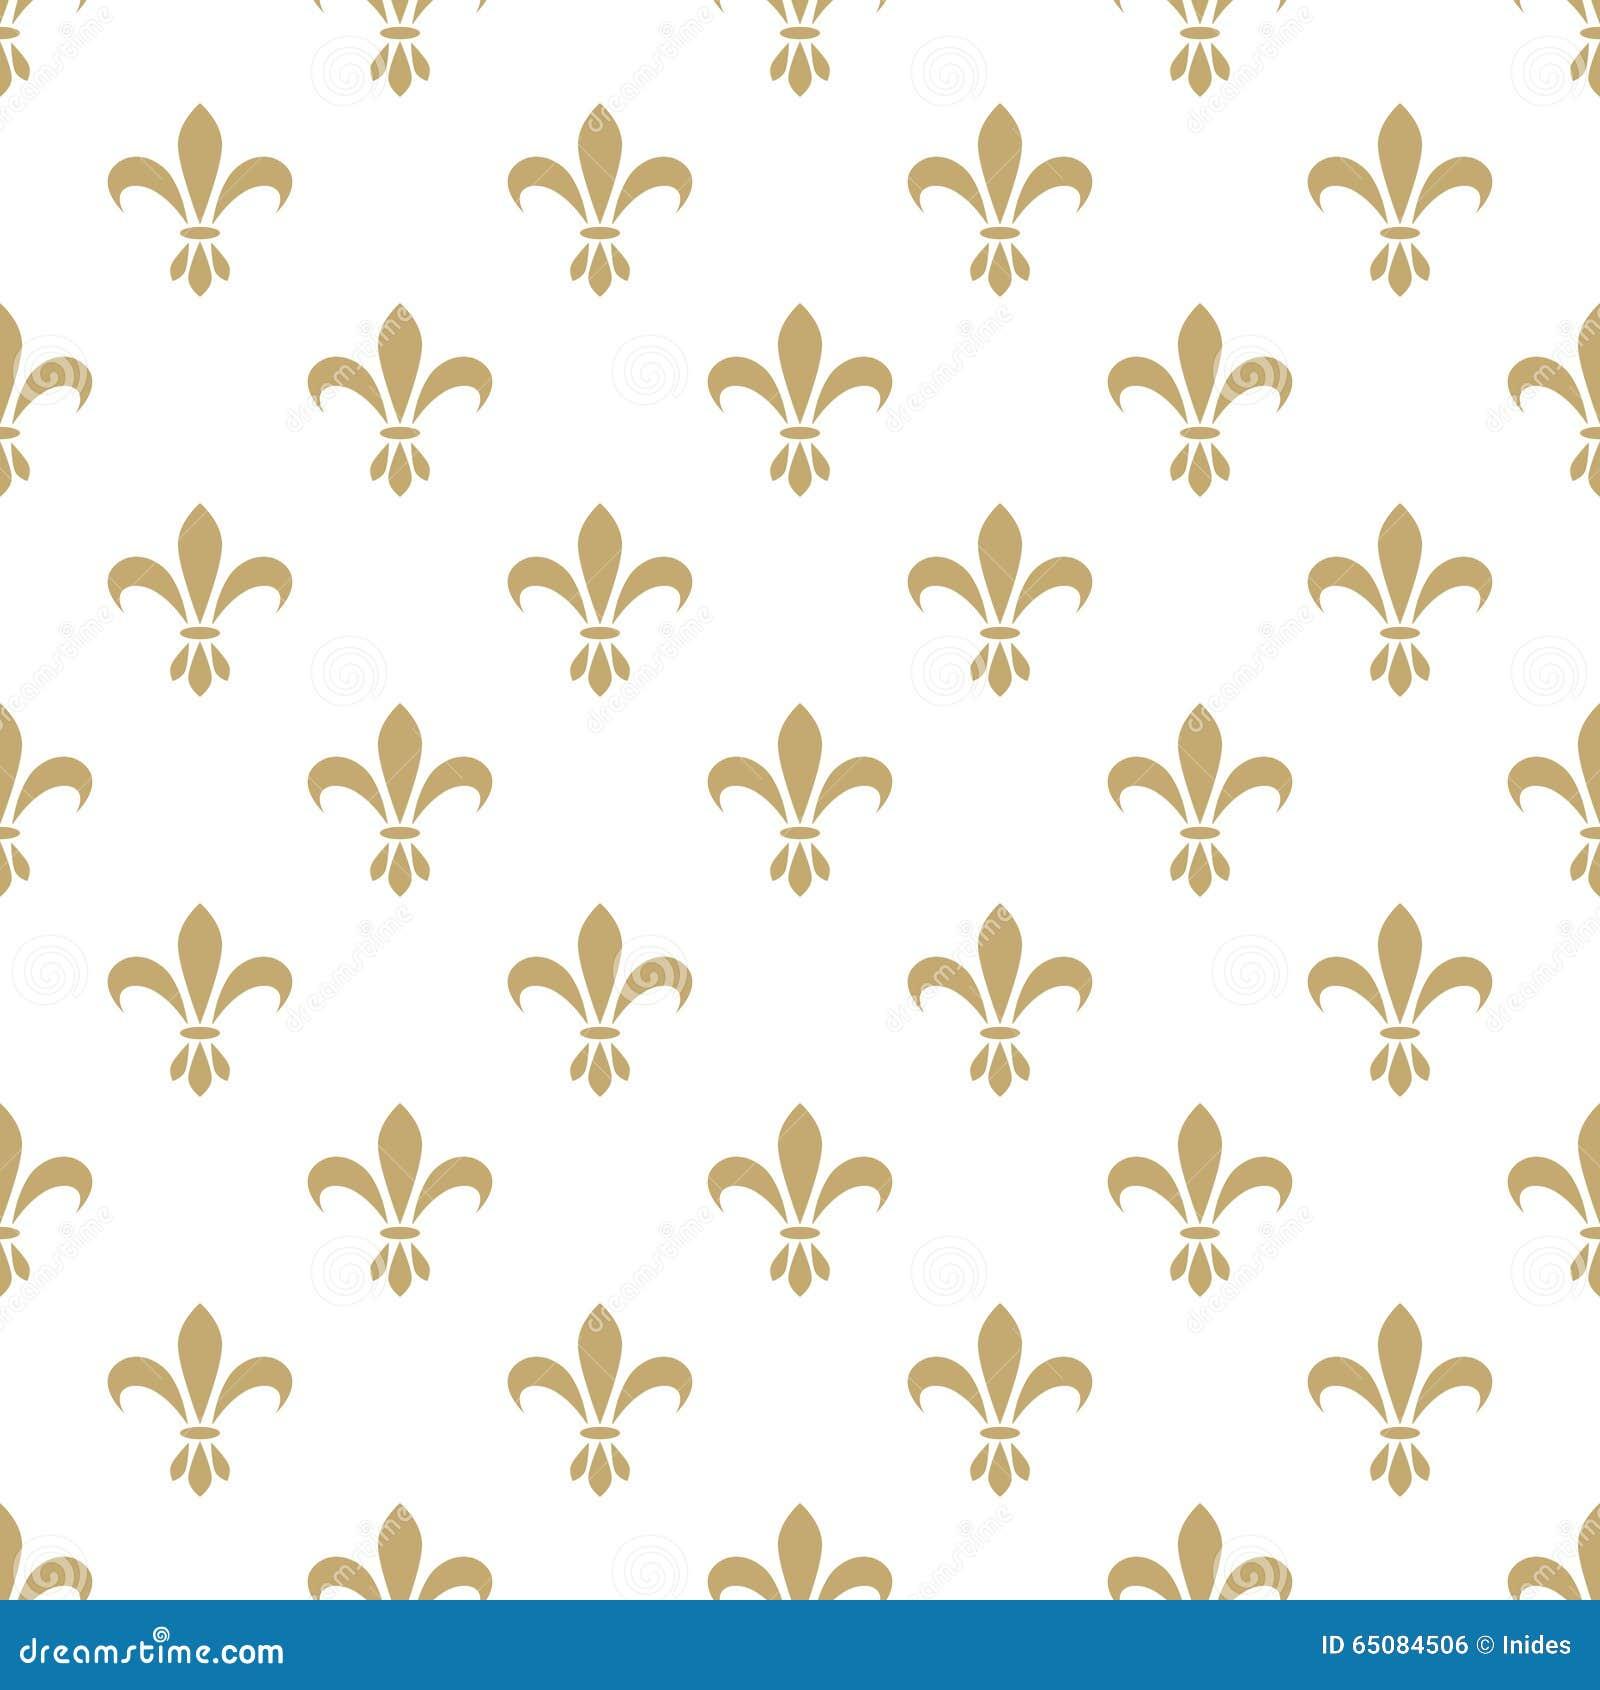 Fleur De Lis Pattern Stock Illustrations 1 642 Fleur De Lis Pattern Stock Illustrations Vectors Clipart Dreamstime